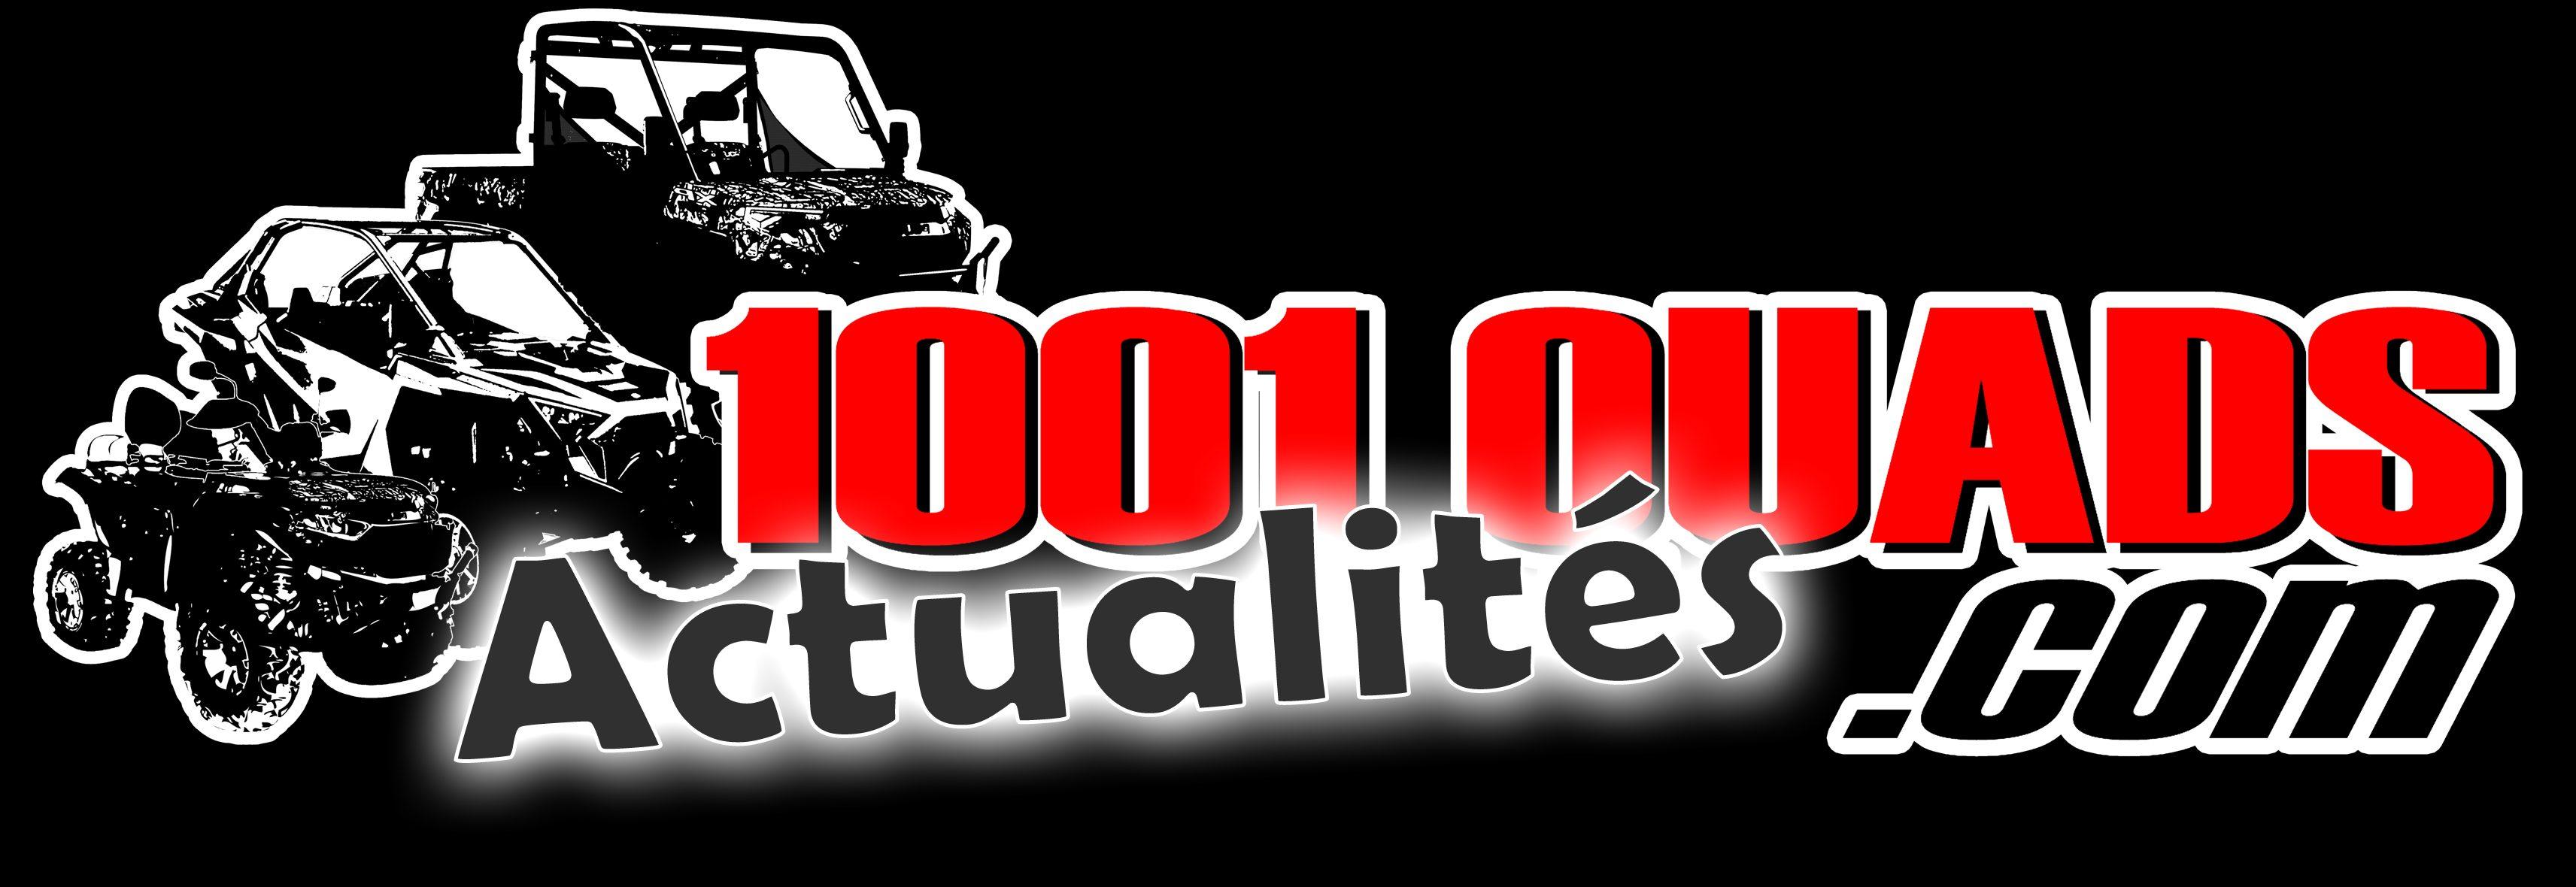 Actus 1001Quads